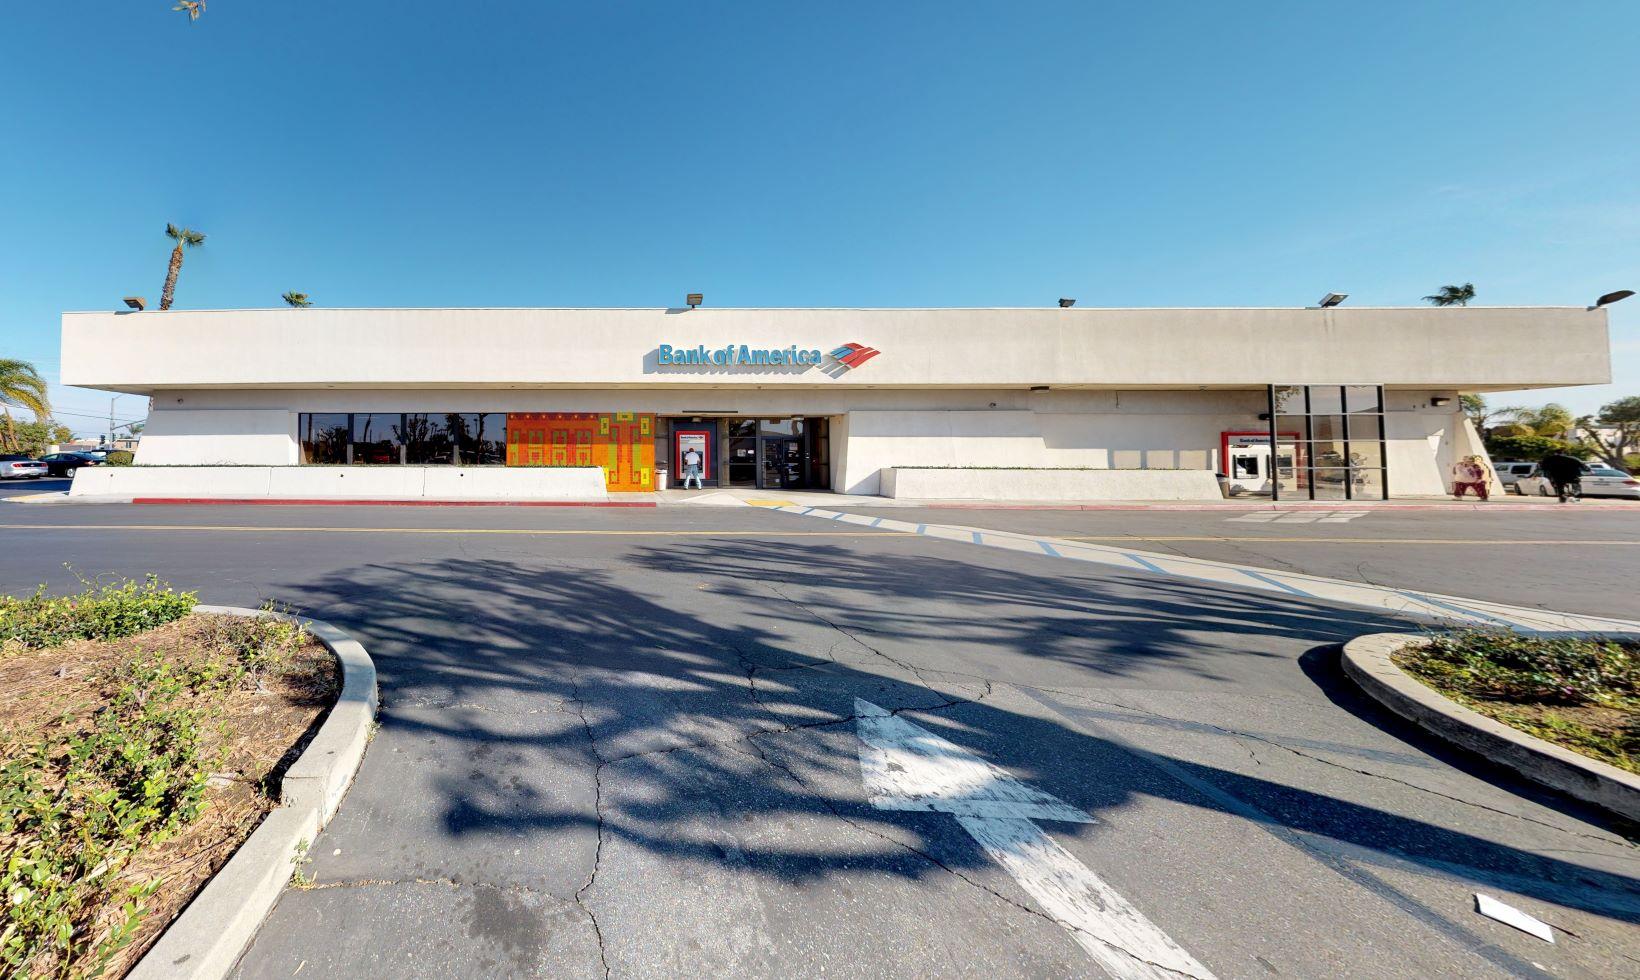 Bank of America financial center with drive-thru ATM | 870 E Del Amo Blvd, Carson, CA 90746